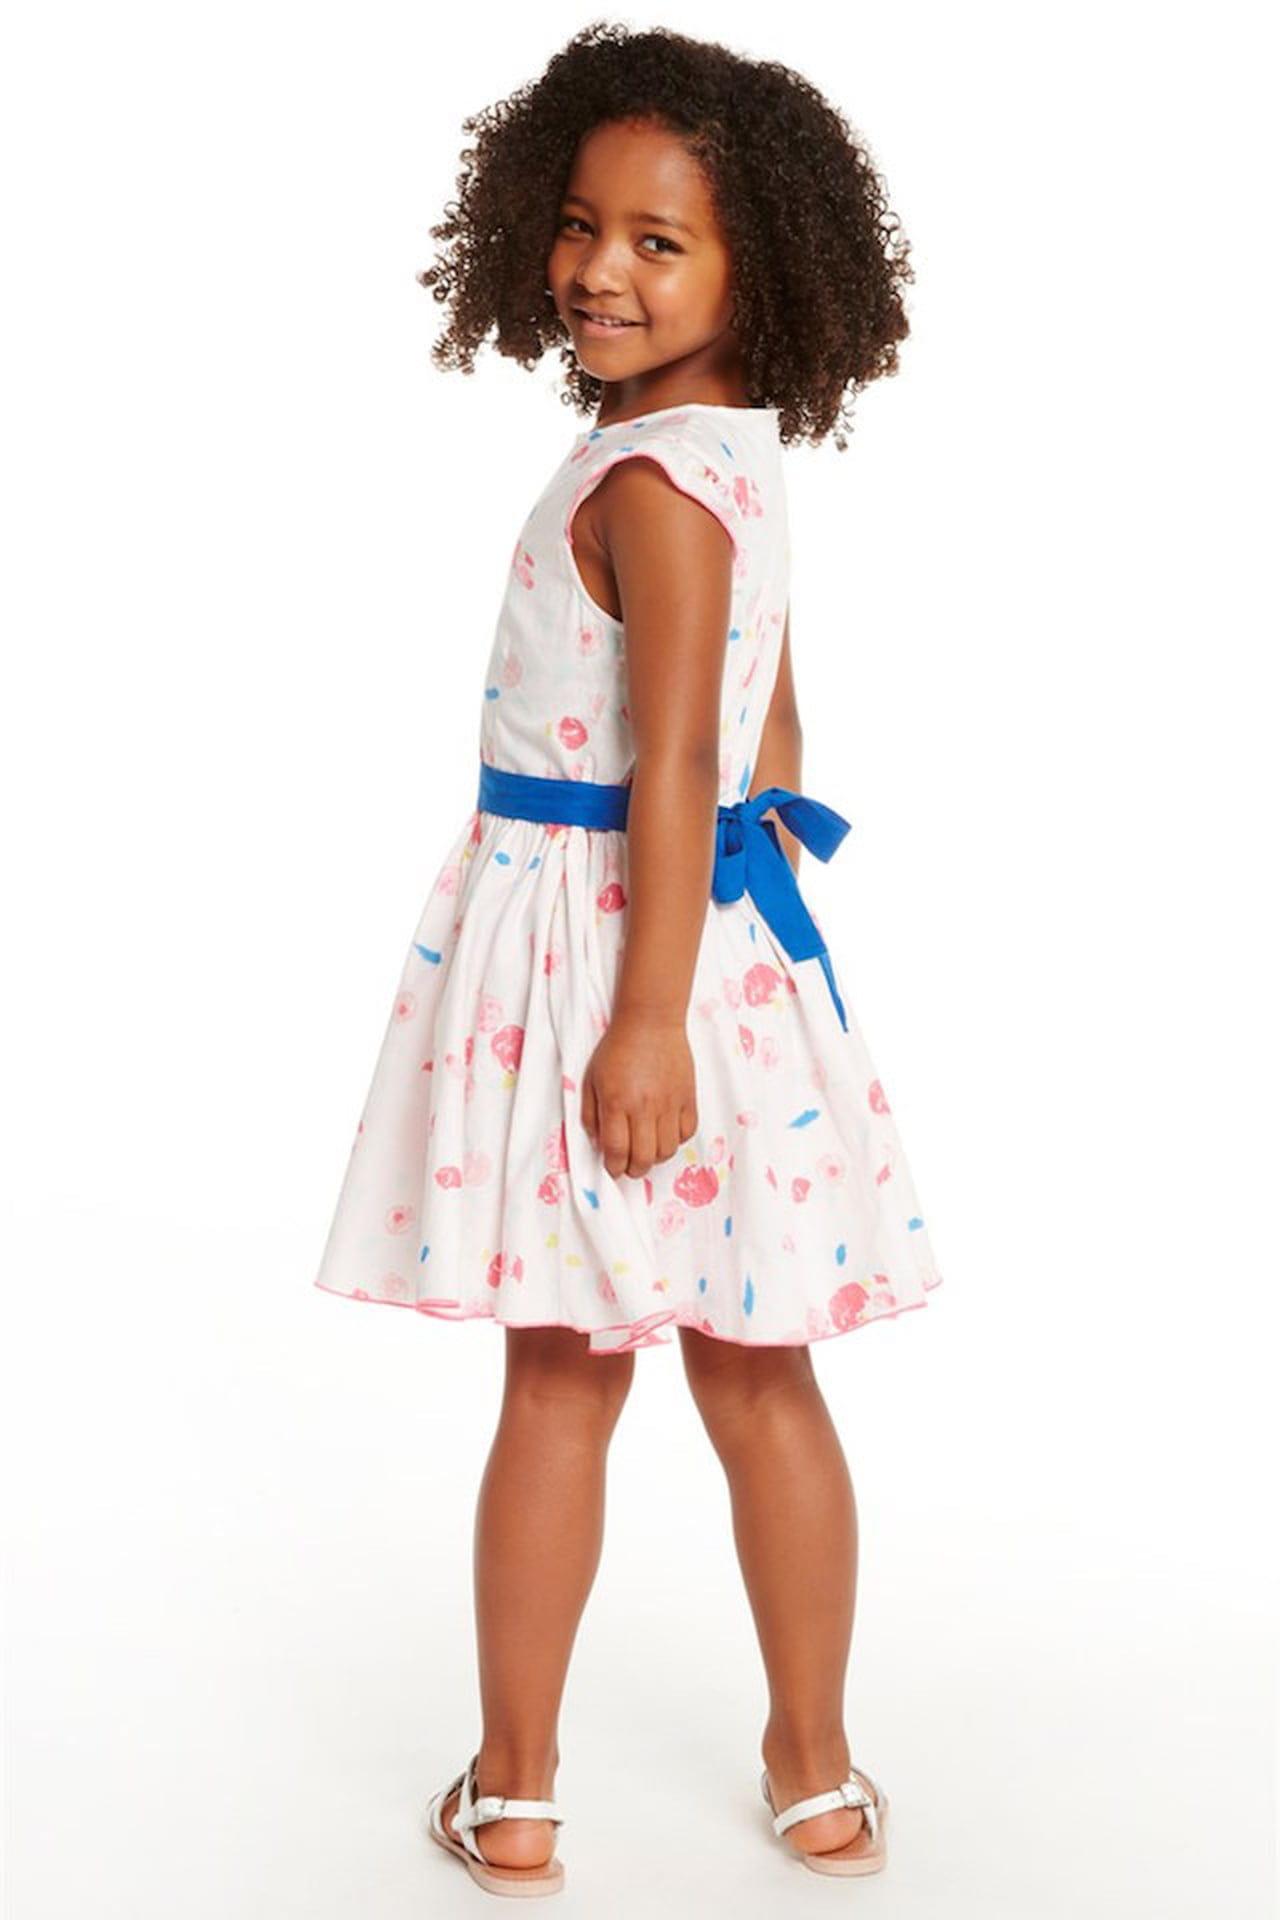 e4f5242fab Vestiti da cerimonia per bambine: consigli chic